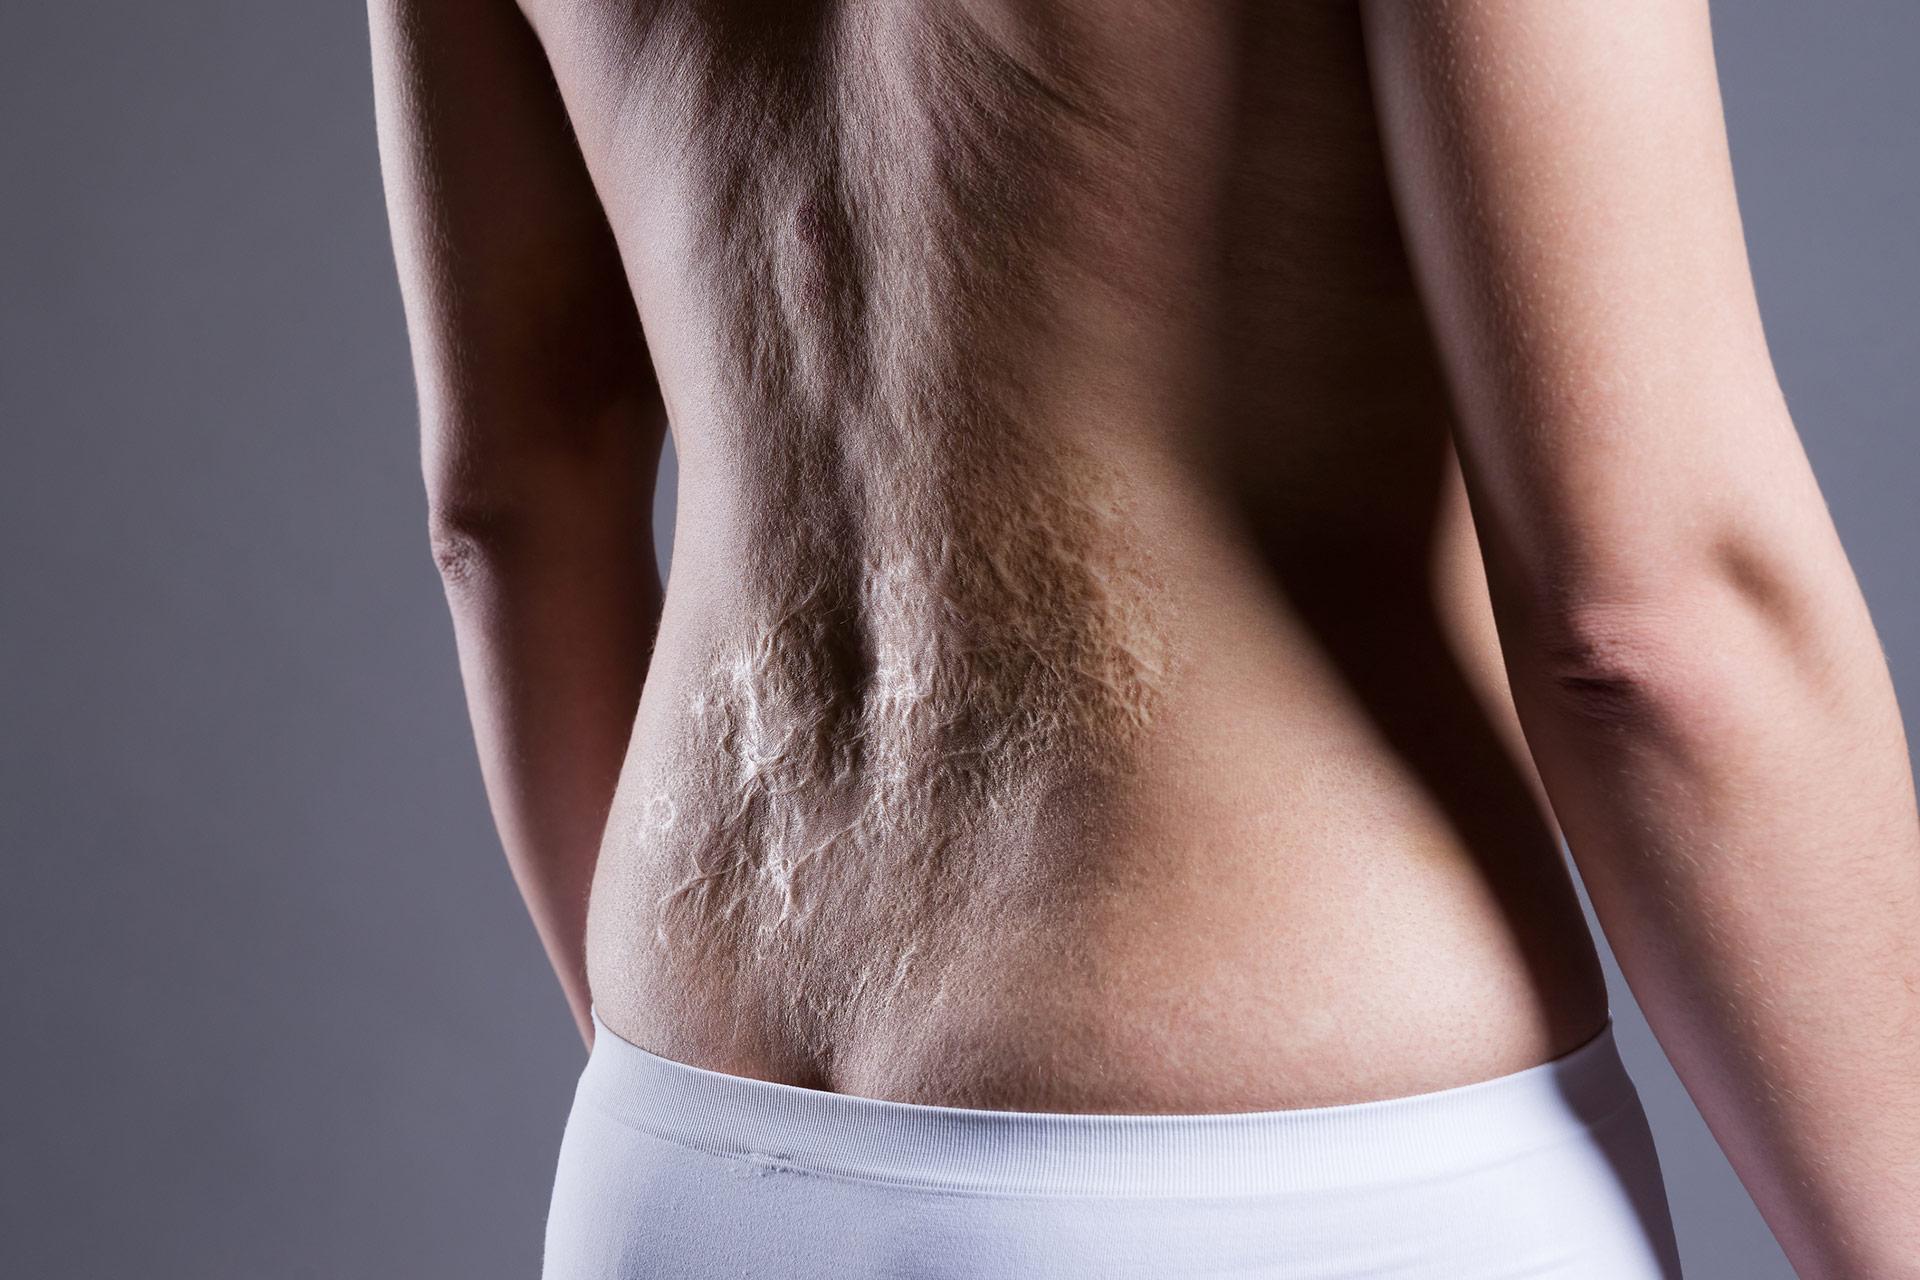 Comment éviter et soigner une cicatrice après une brûlure ?